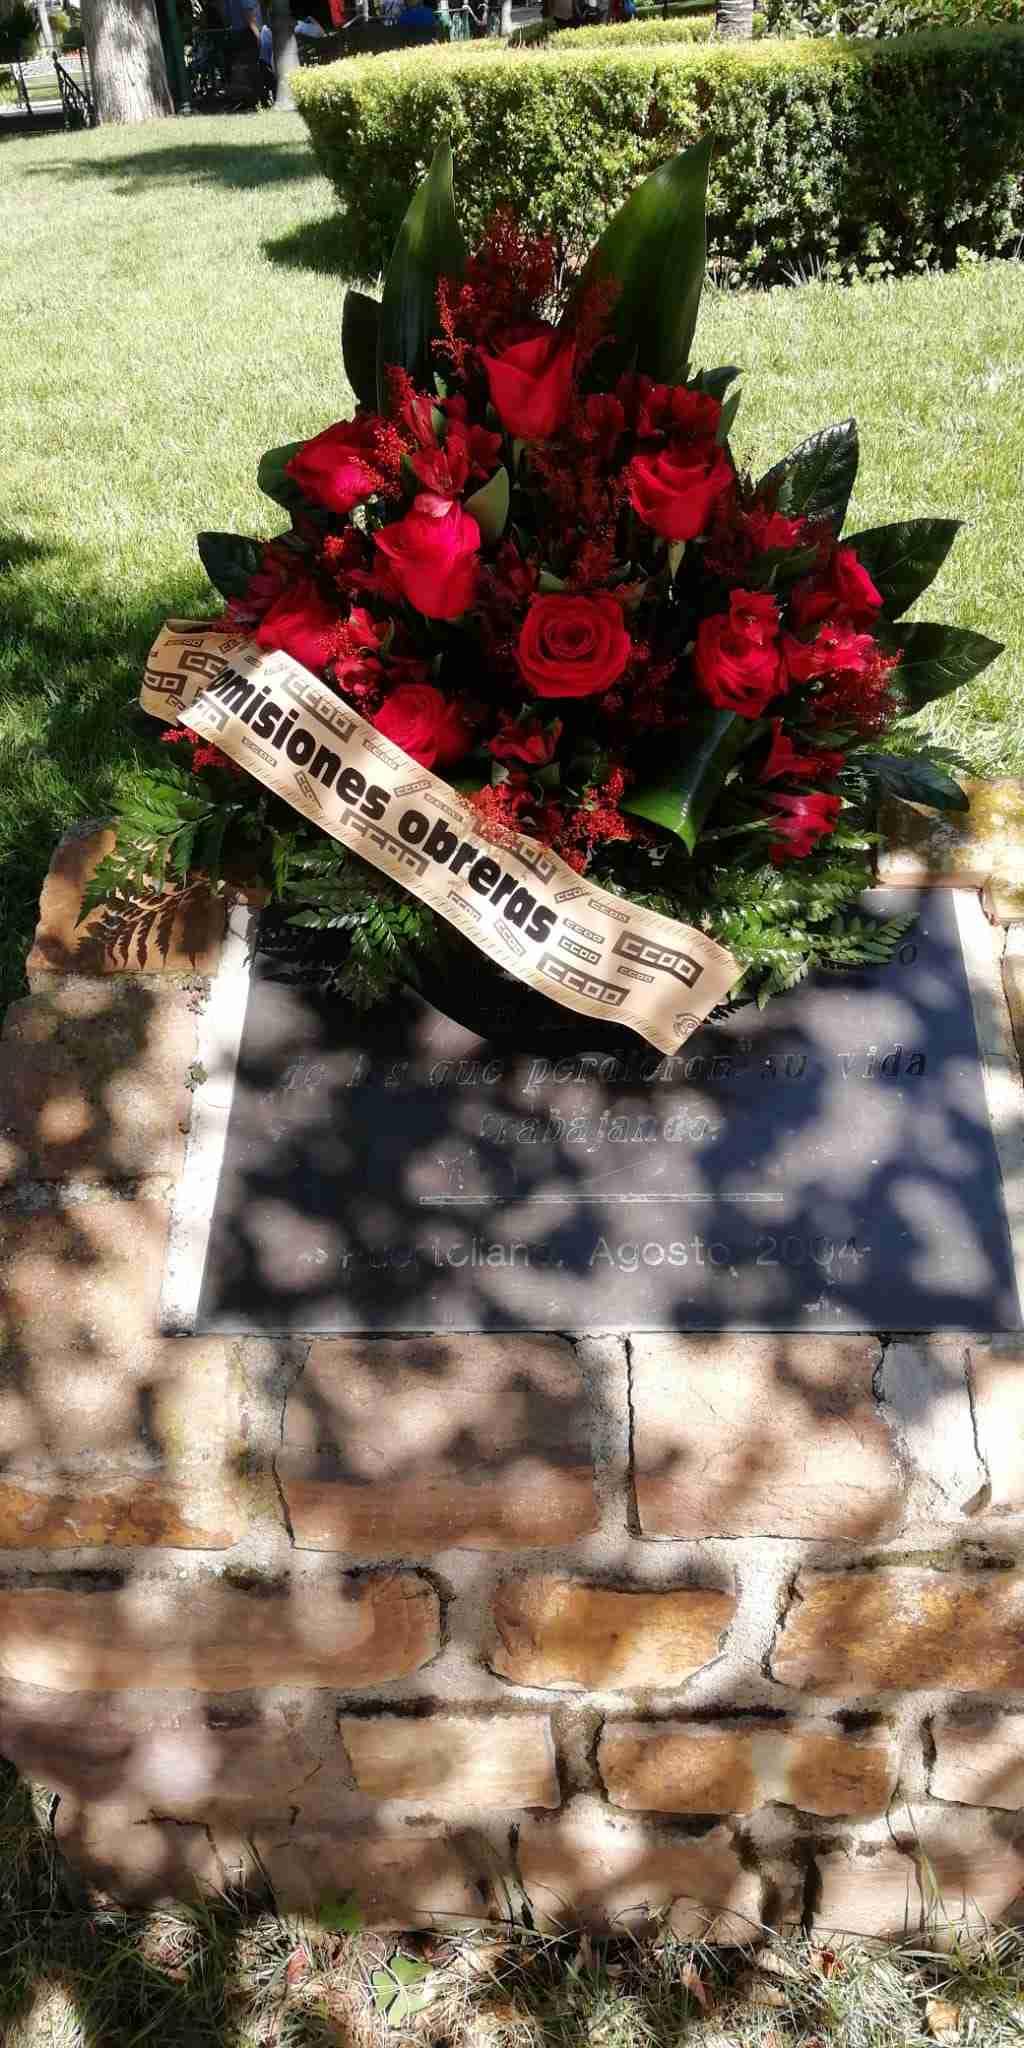 CCOO rindió a los 9 trabajadores fallecidos el 14 de agosto de 2003 en la explosión de Repsol-Puertollano 2